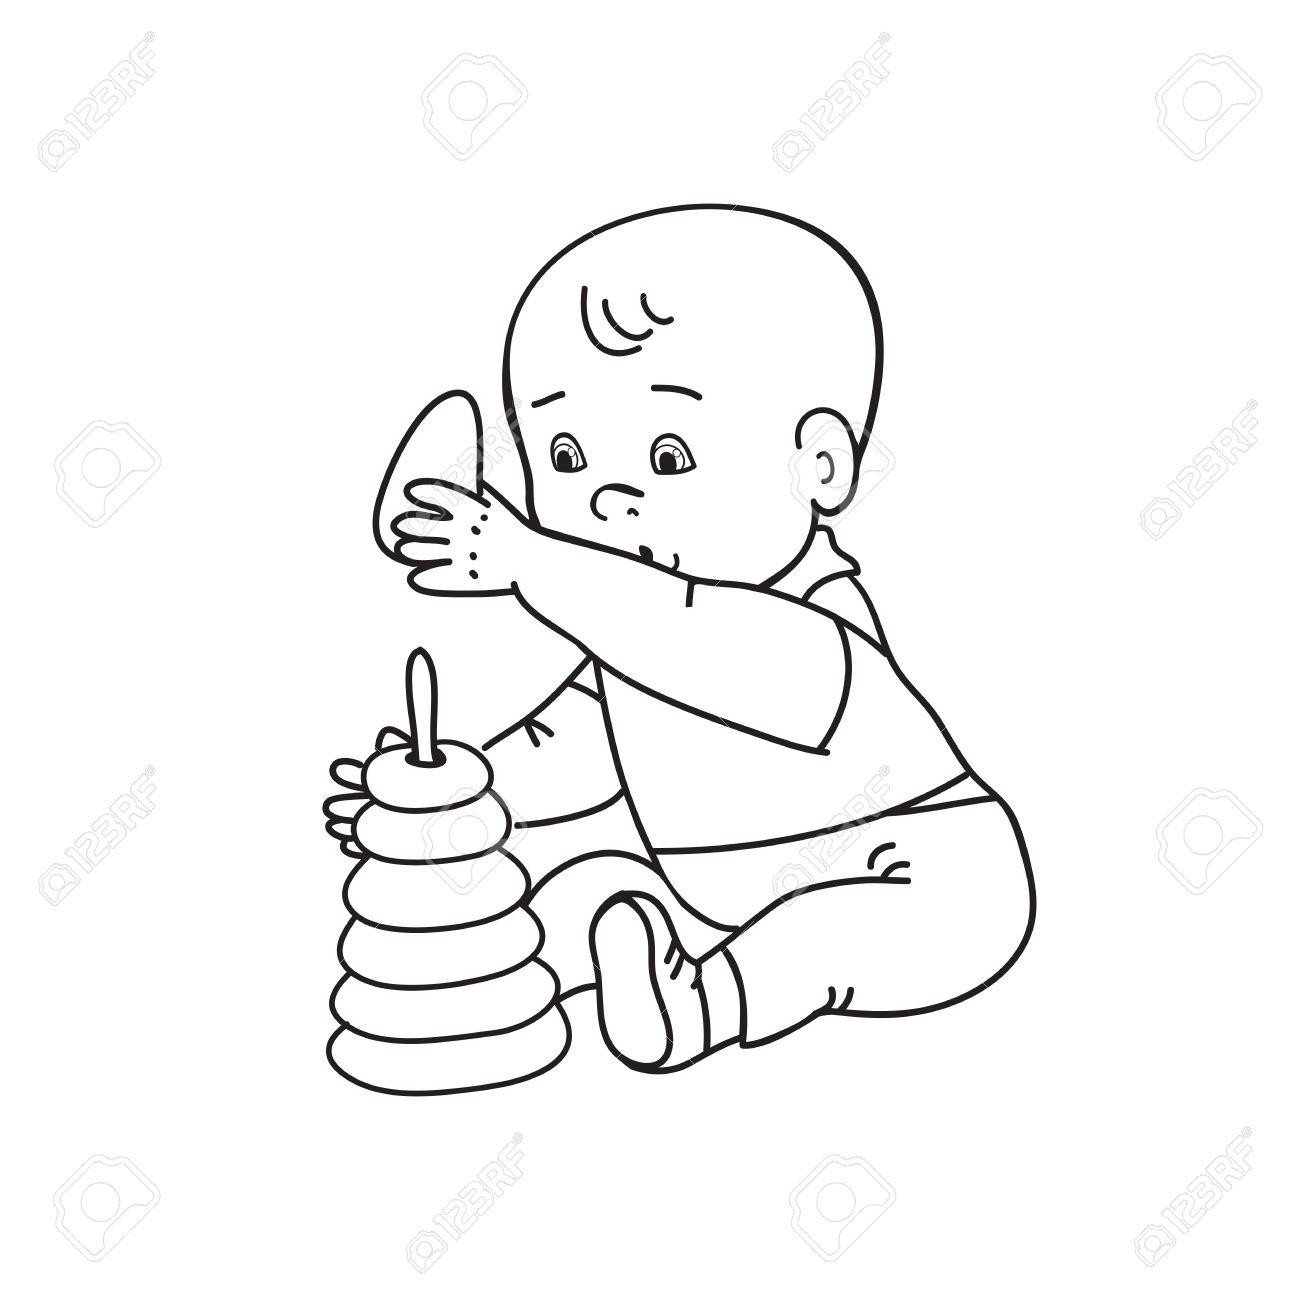 Dessin Bébé Garçon peu beau bébé garçon jouant avec des jouets. kid joue avec pyramide